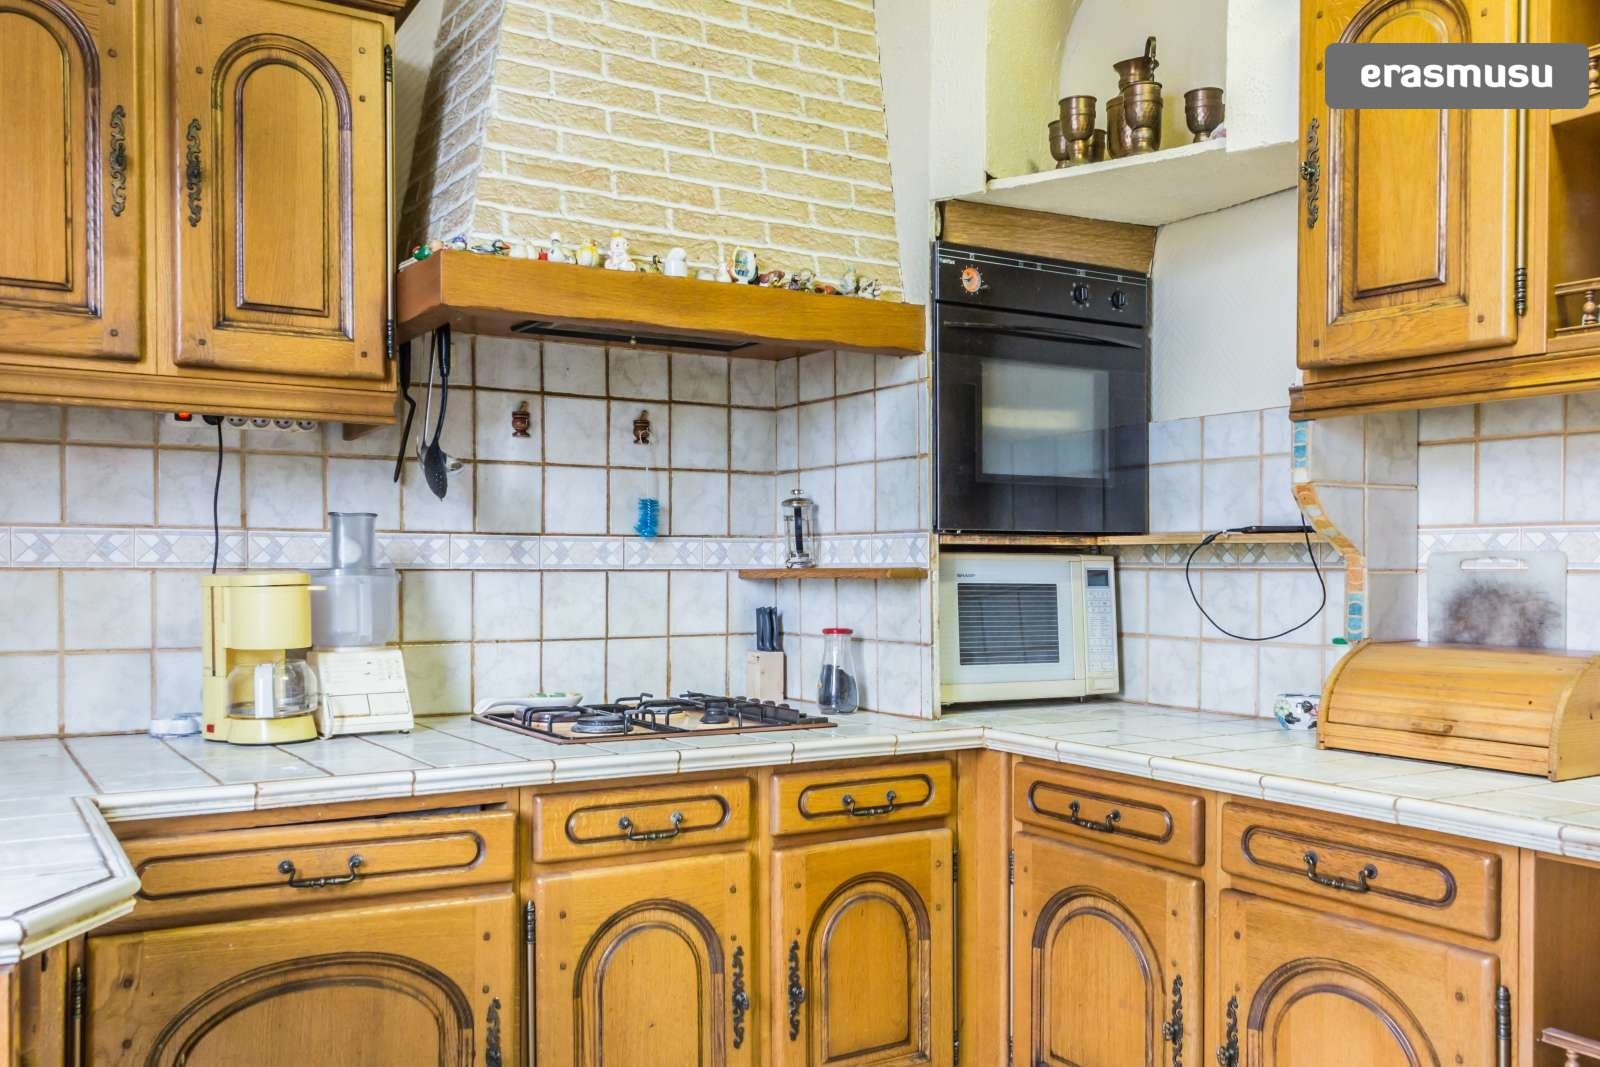 large-1-bedroom-apartment-dryer-rent-villeurbanne-area-64c4a0ce4